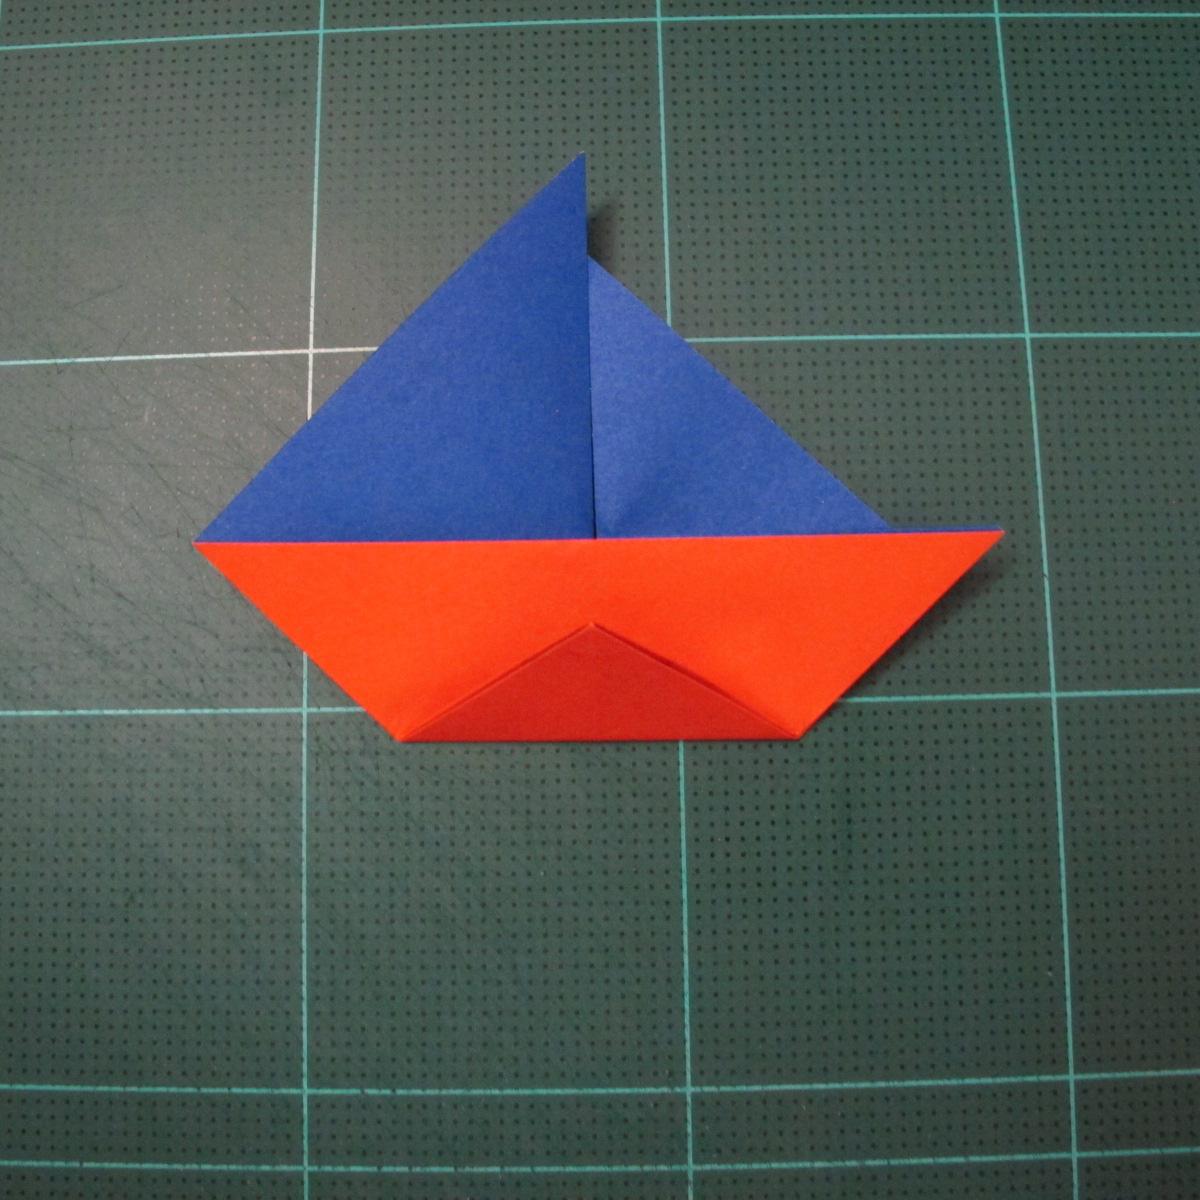 การพับกระดาษเป็นรูปเรือใบ (Origami Sail Boat) 008